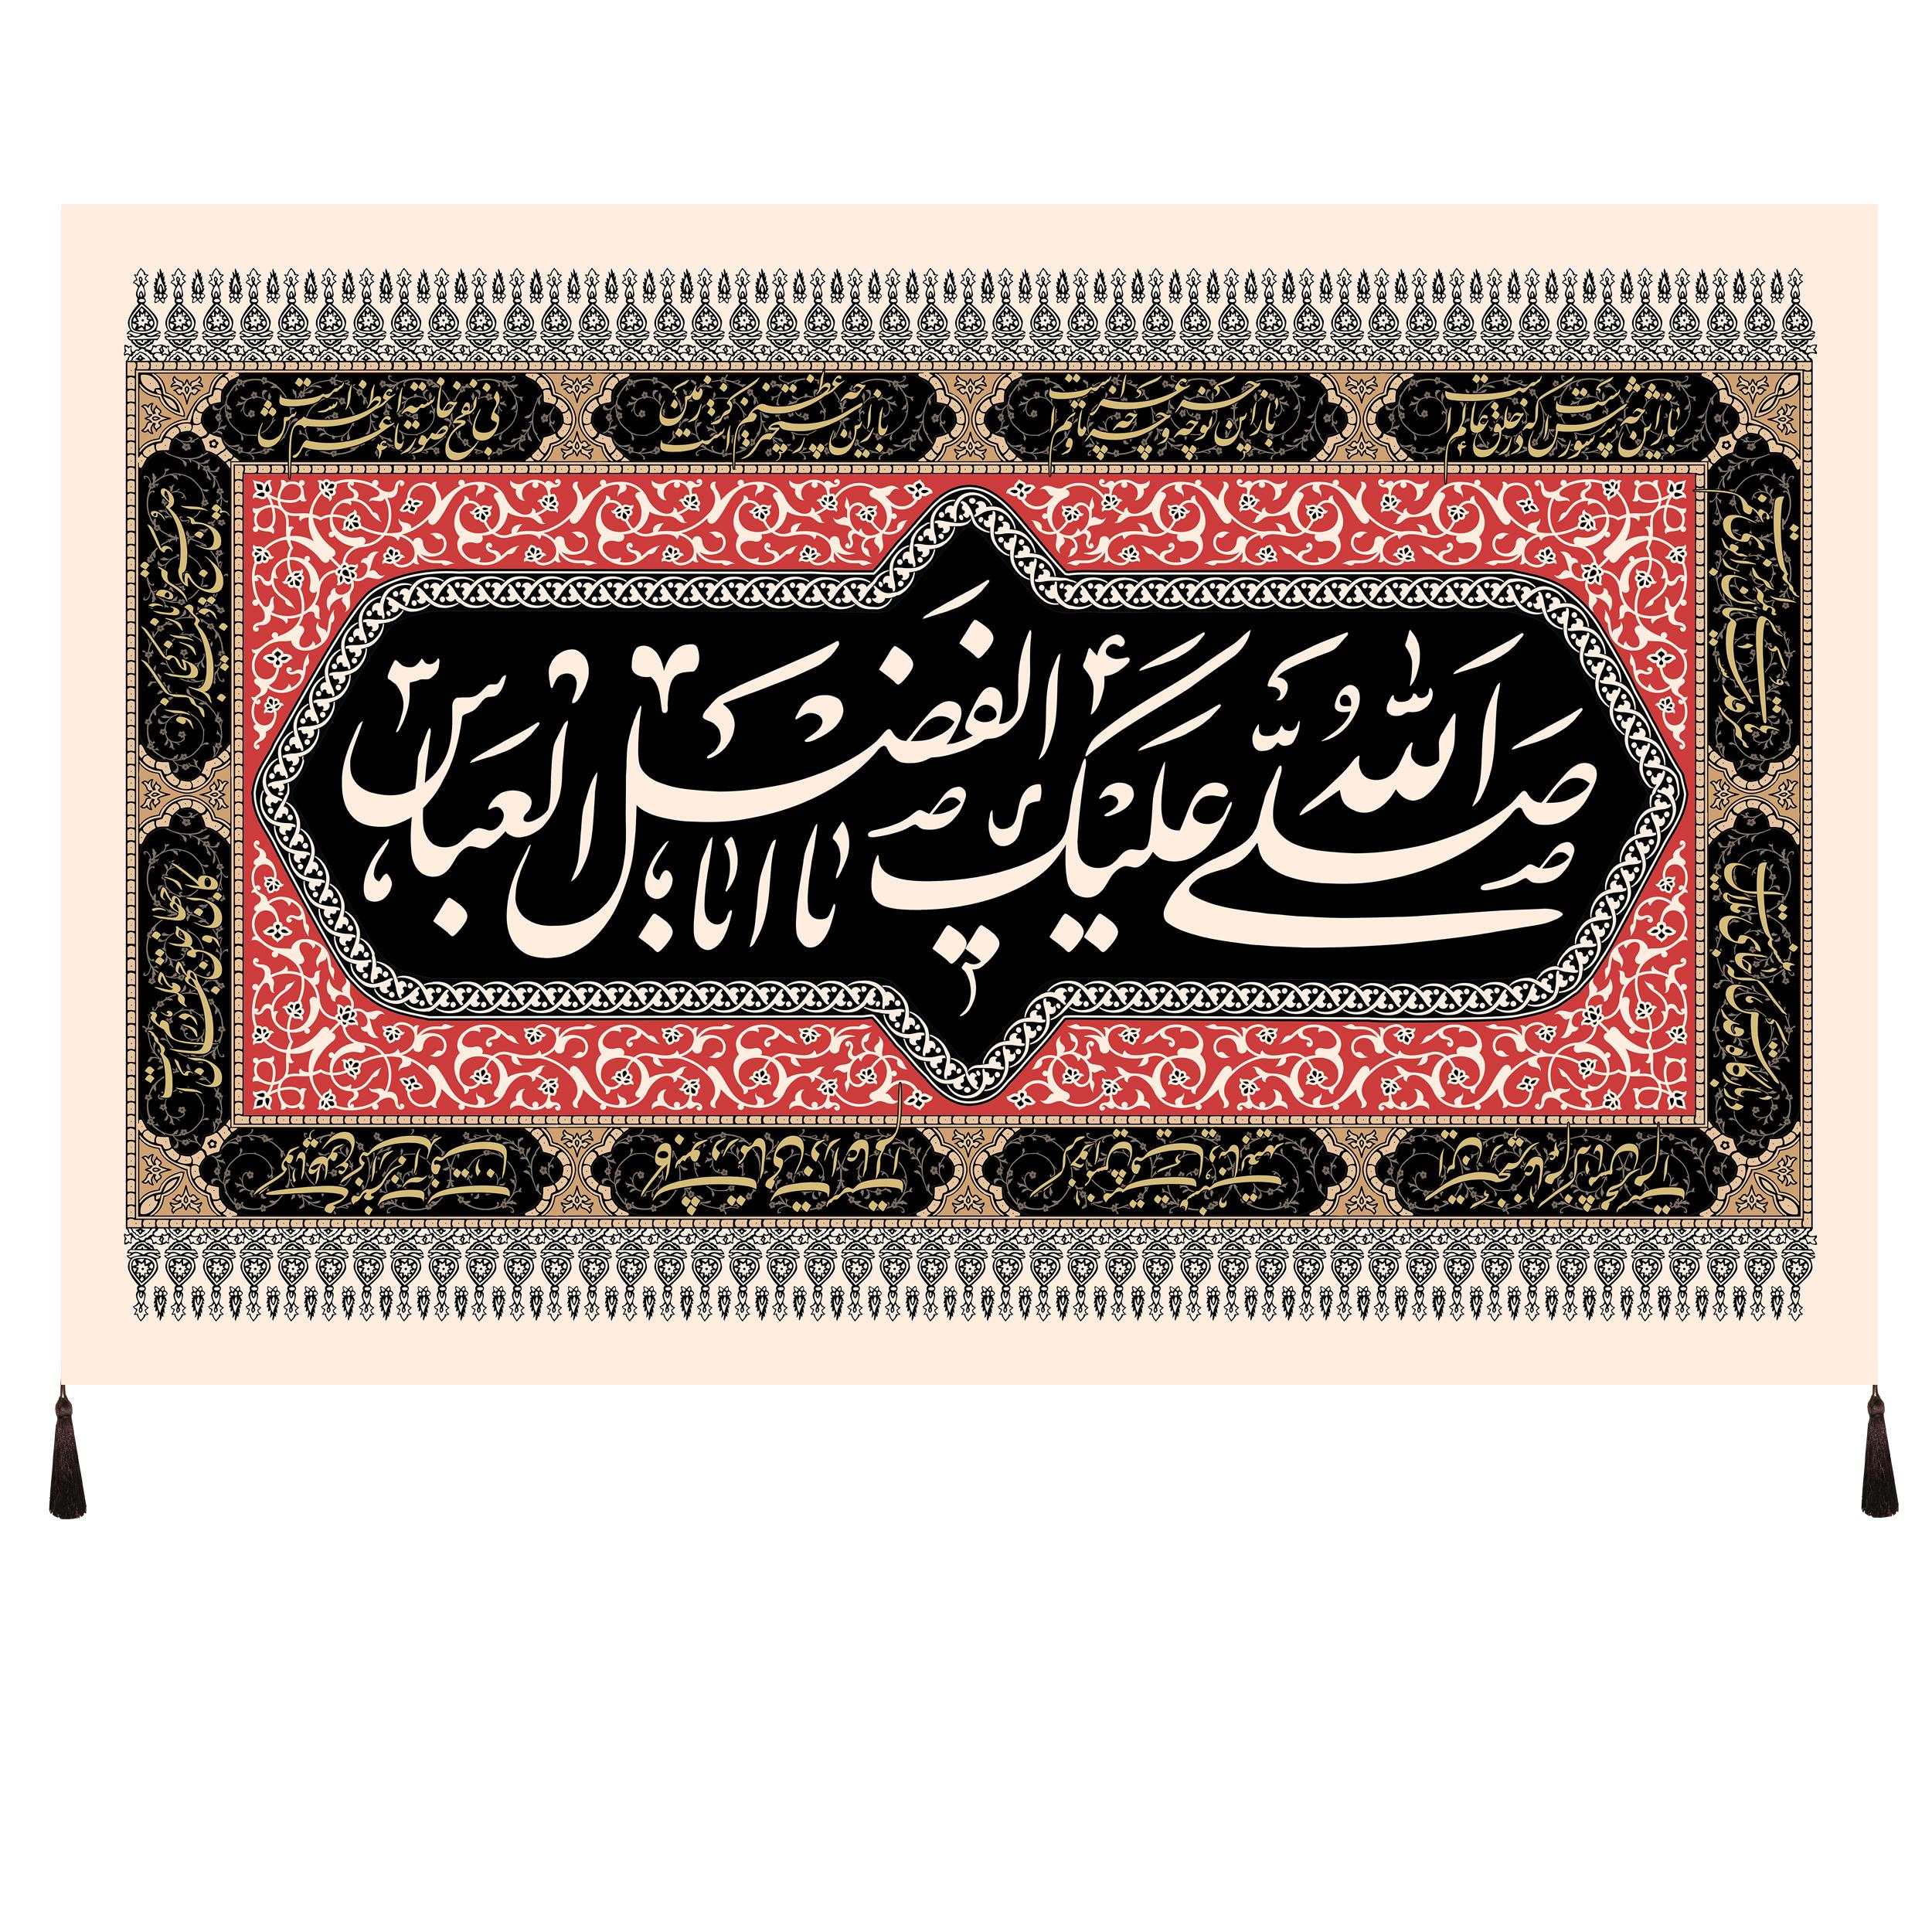 خرید                      پرچم طرح حضرت عباس علیه السلام کد 1120